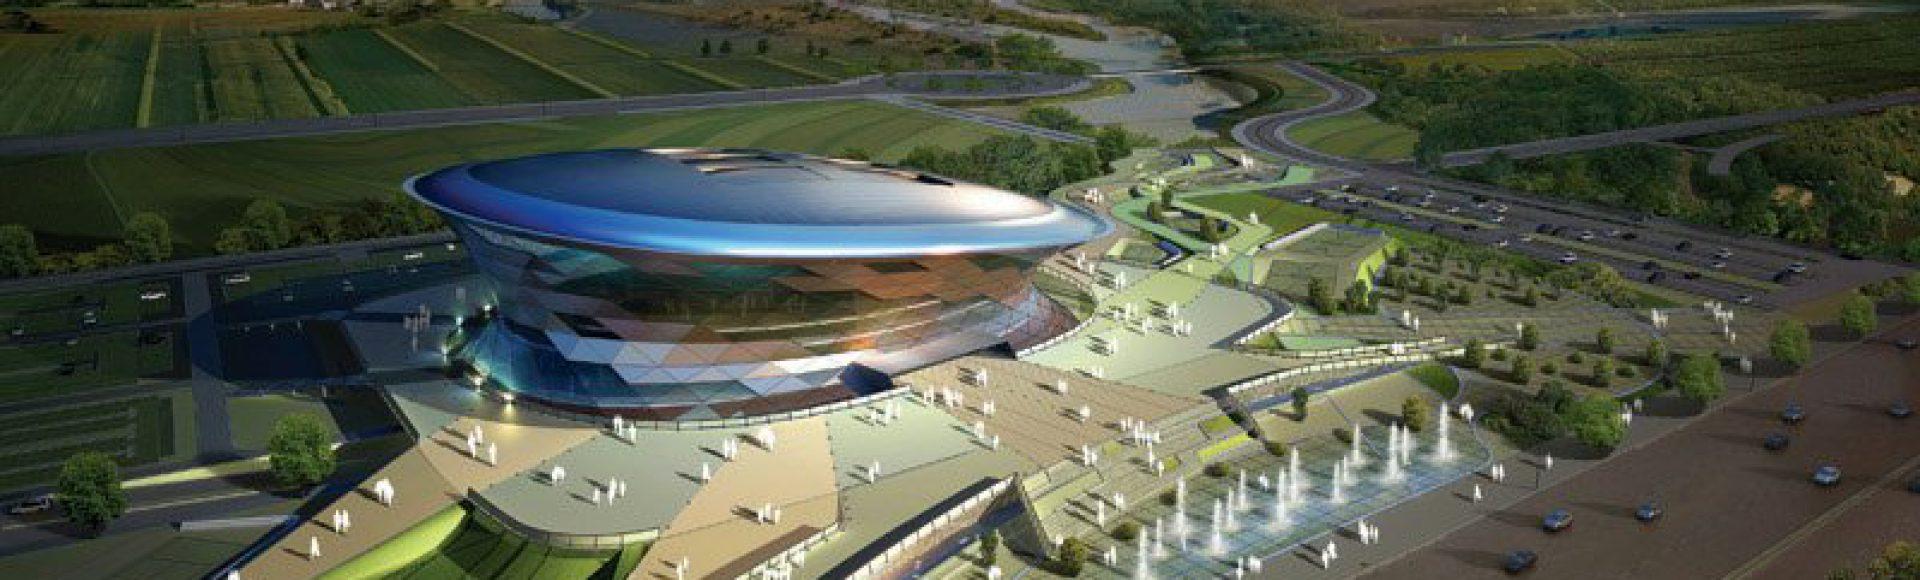 Tien Son Sport Center 2